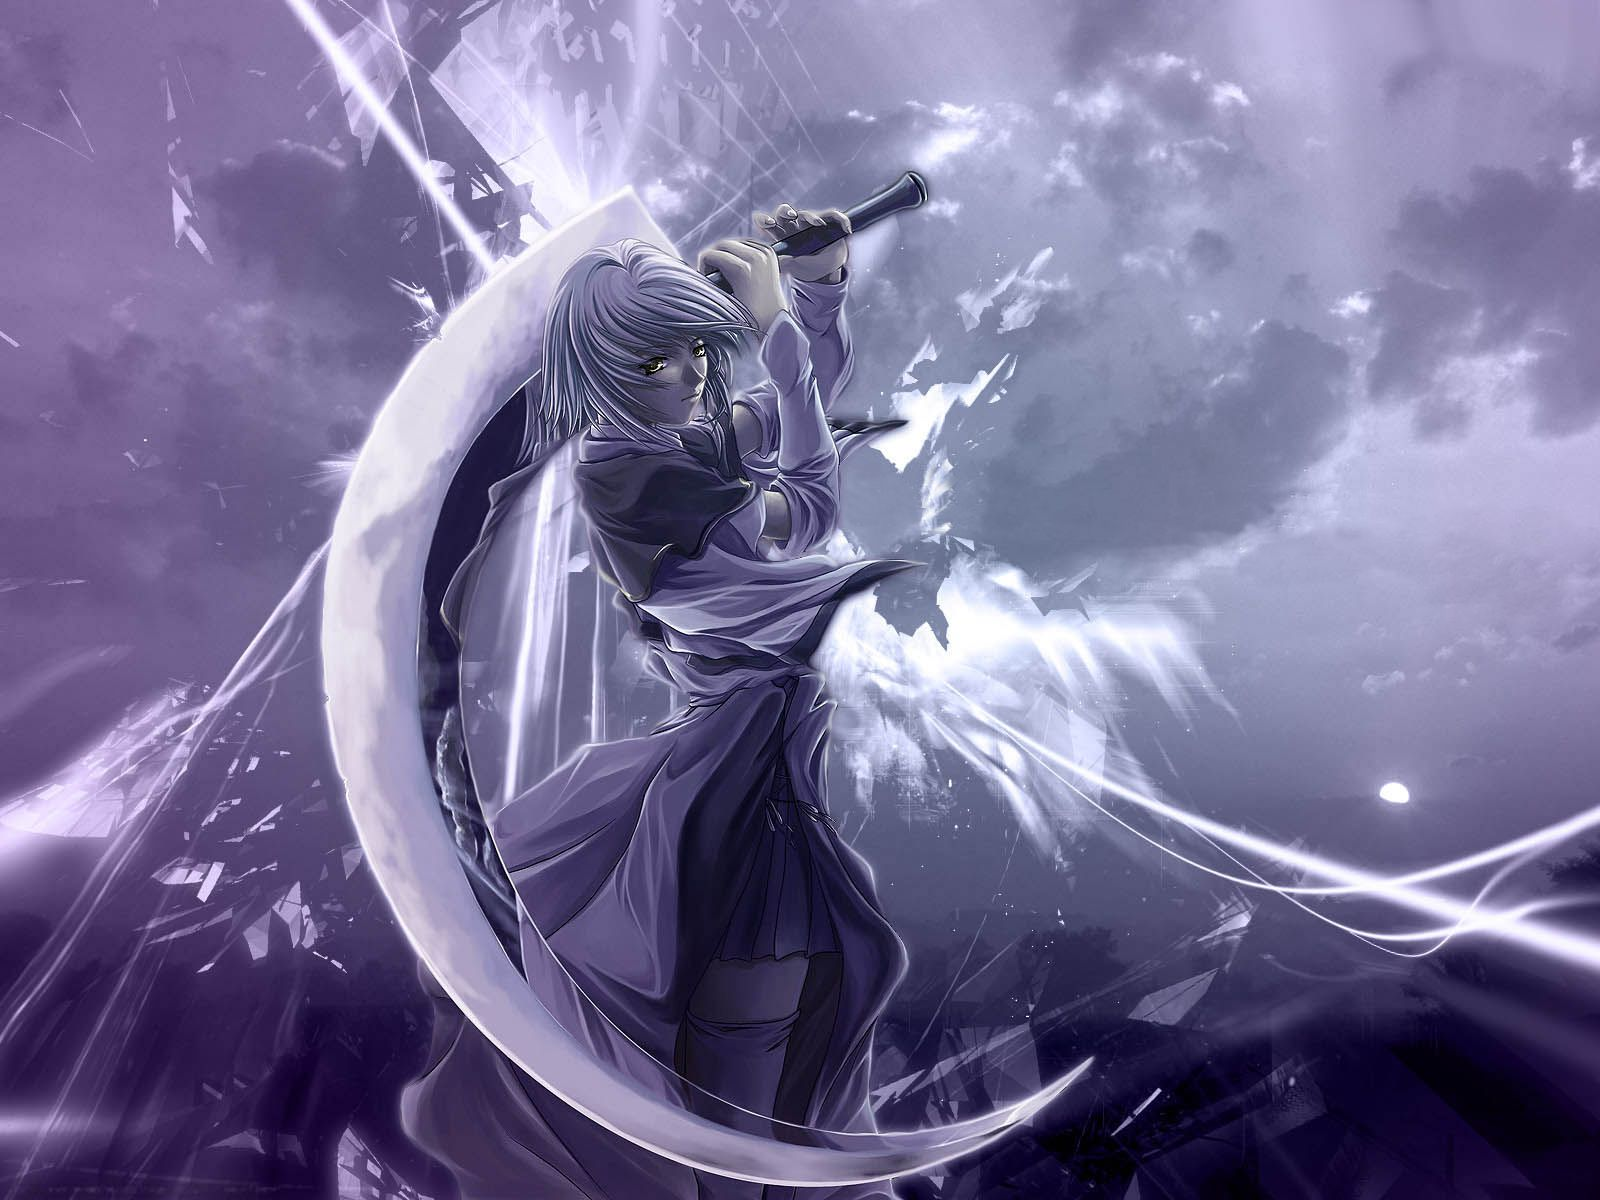 Image detail for anime anime 1600x1200 anime comics - Anime 1600x1200 ...